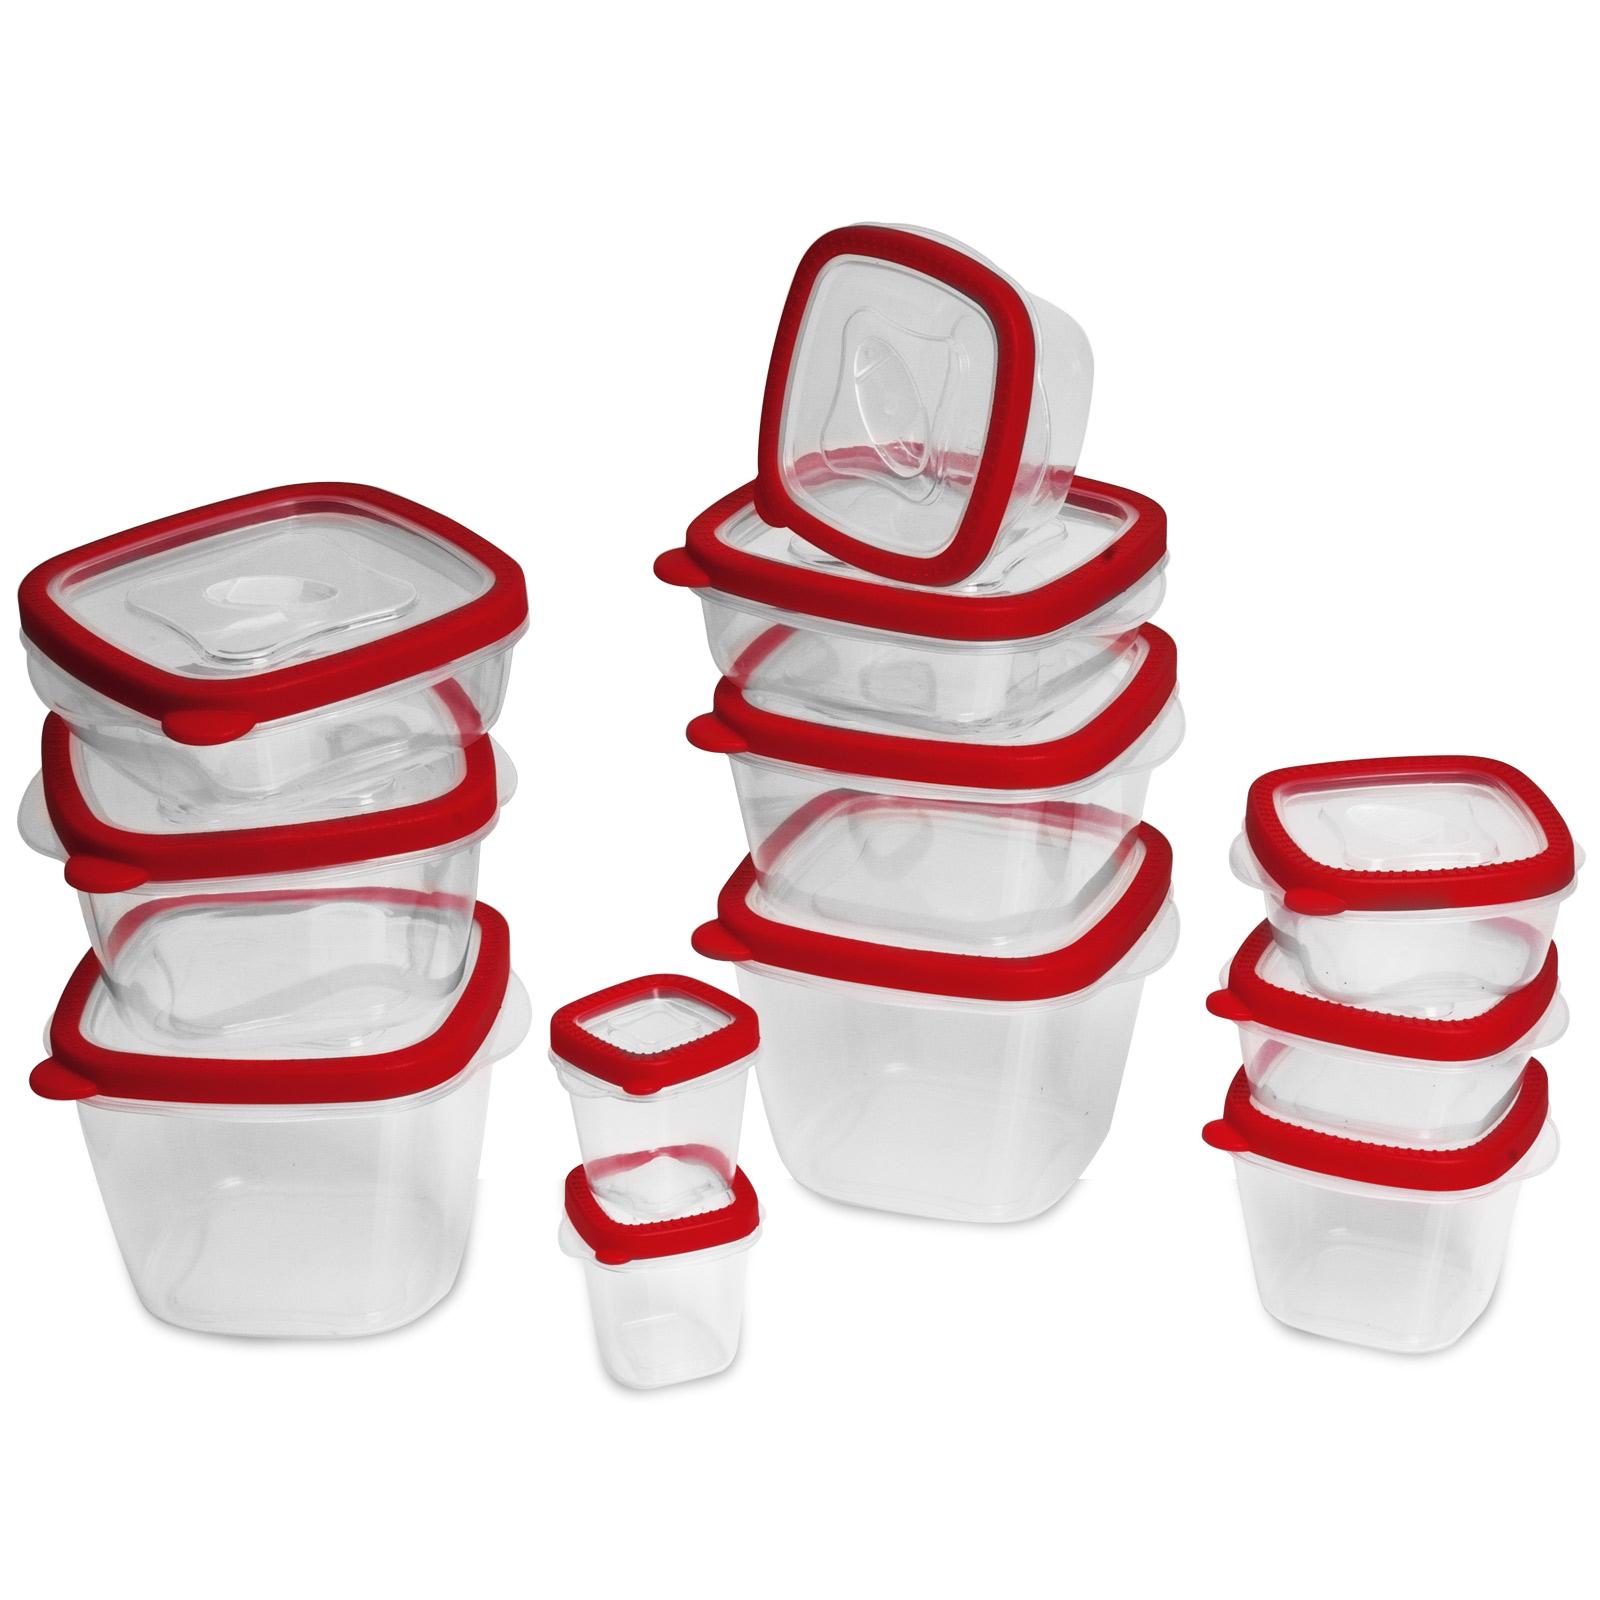 24tlg vorratsdosen set mit deckel frischhaltedosen aufbewahrungsdose bpa frei ebay. Black Bedroom Furniture Sets. Home Design Ideas